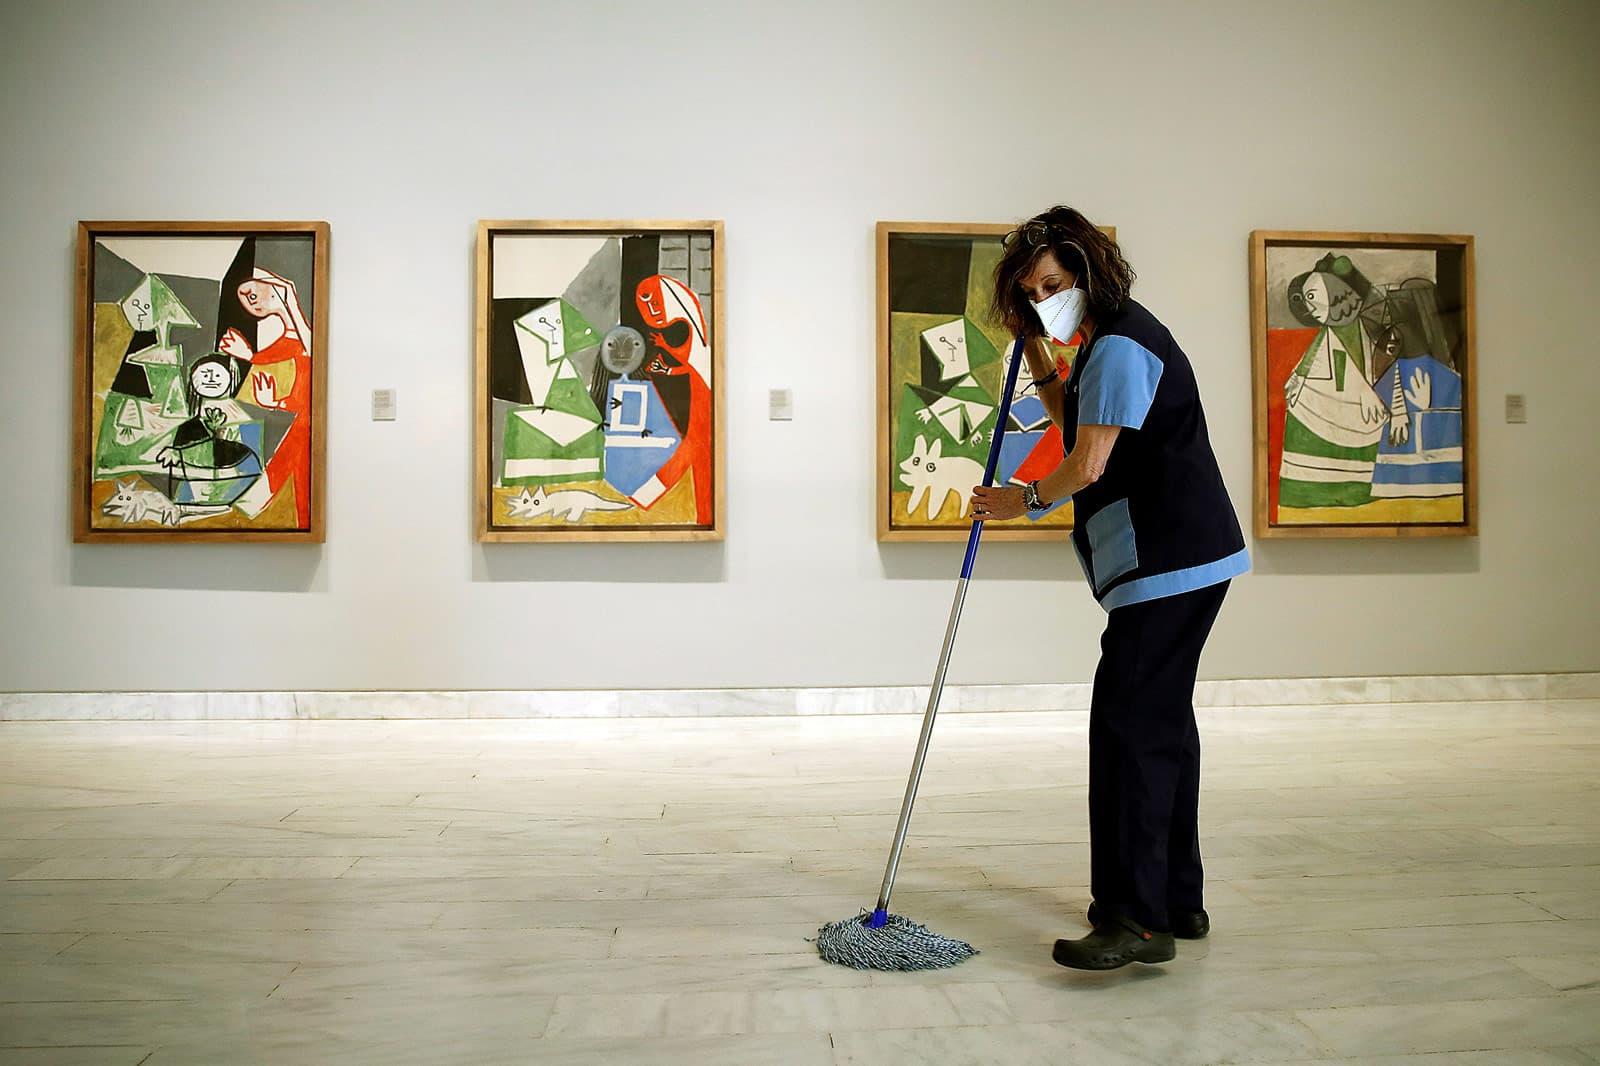 Una treballadora de la neteja del Museu Picasso un dia abans de la reobertura de després del confinament, el mes de juny. Fotografia de Toni Albir. Efe.